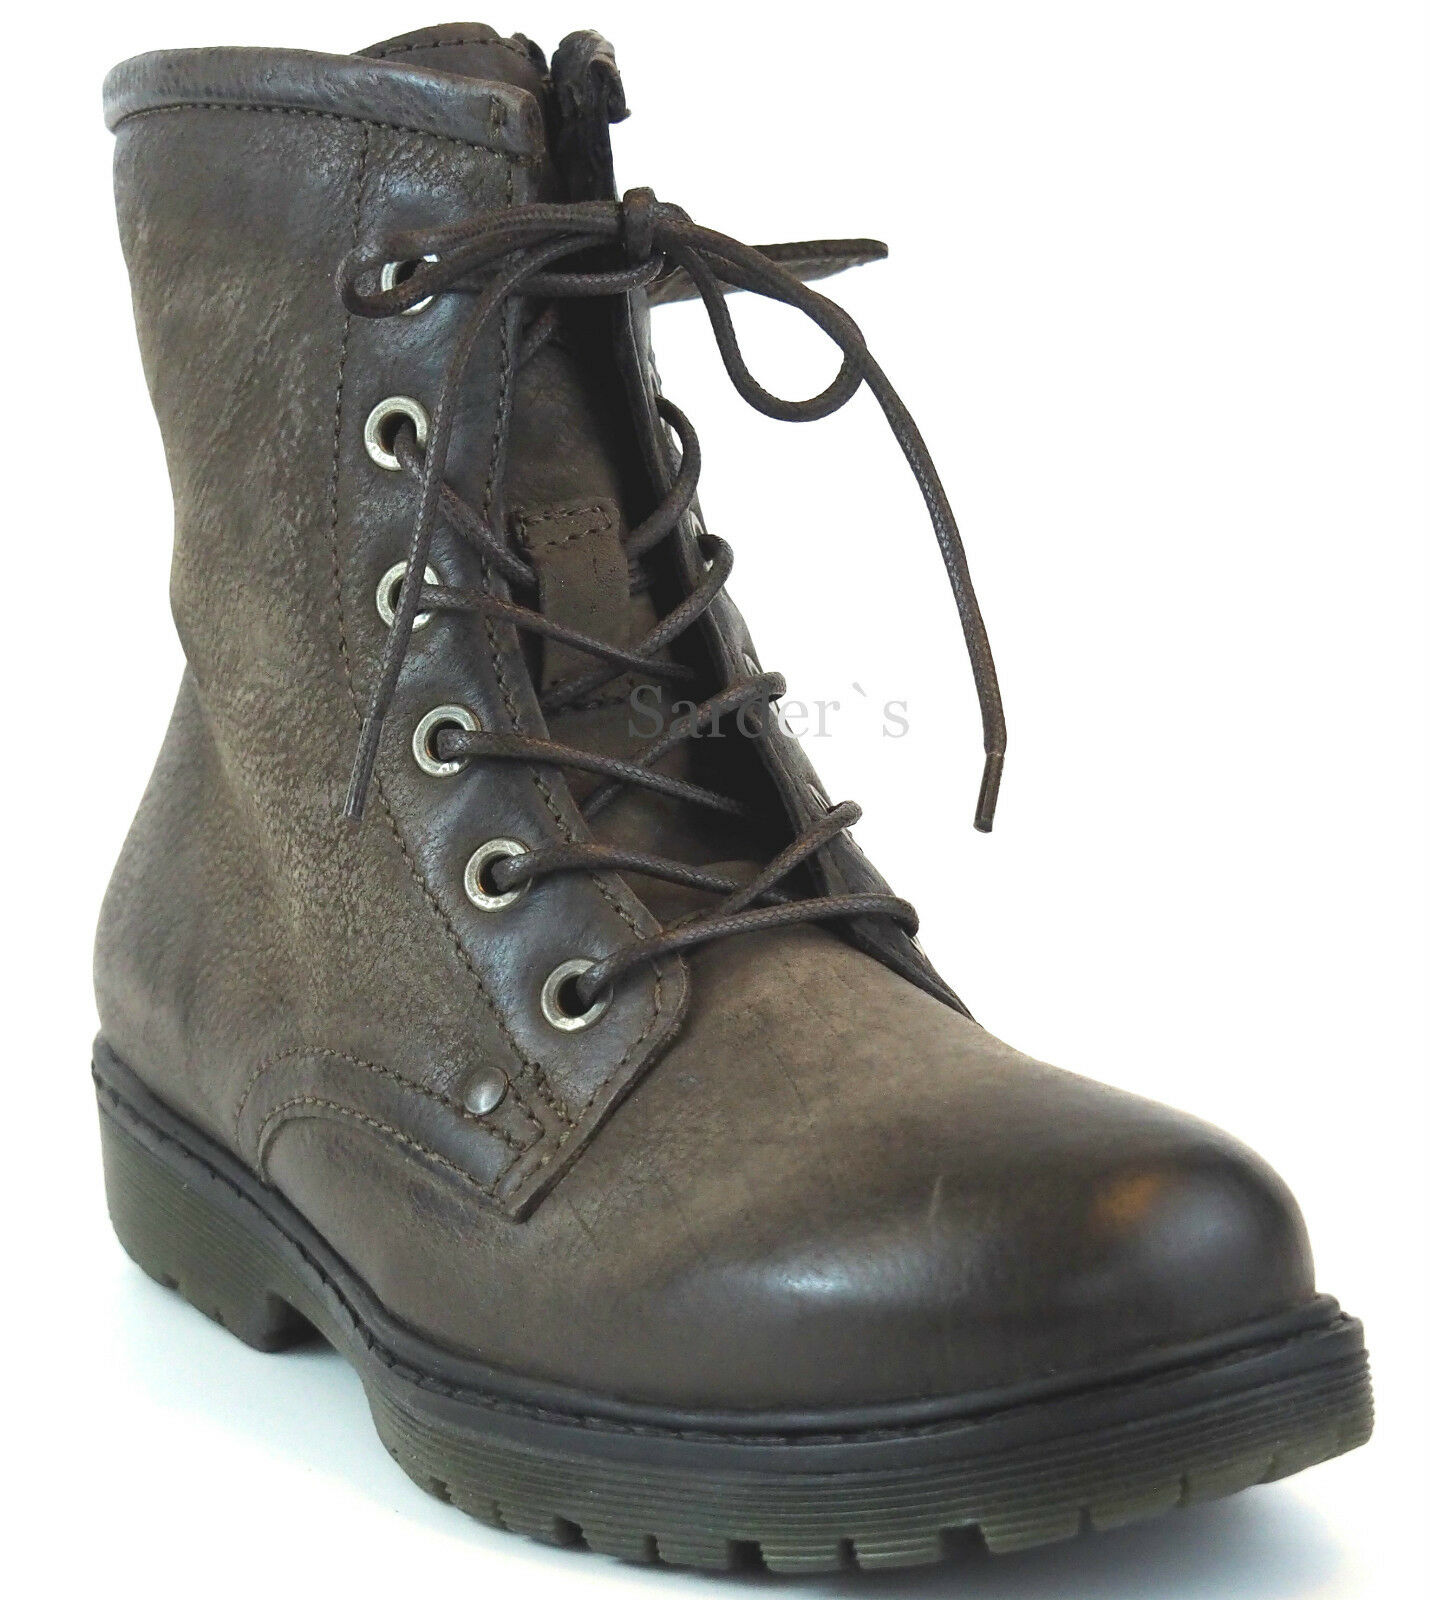 Mjus  botín 38 cuero Taupe Antik invierno botas botas cordero nuevo